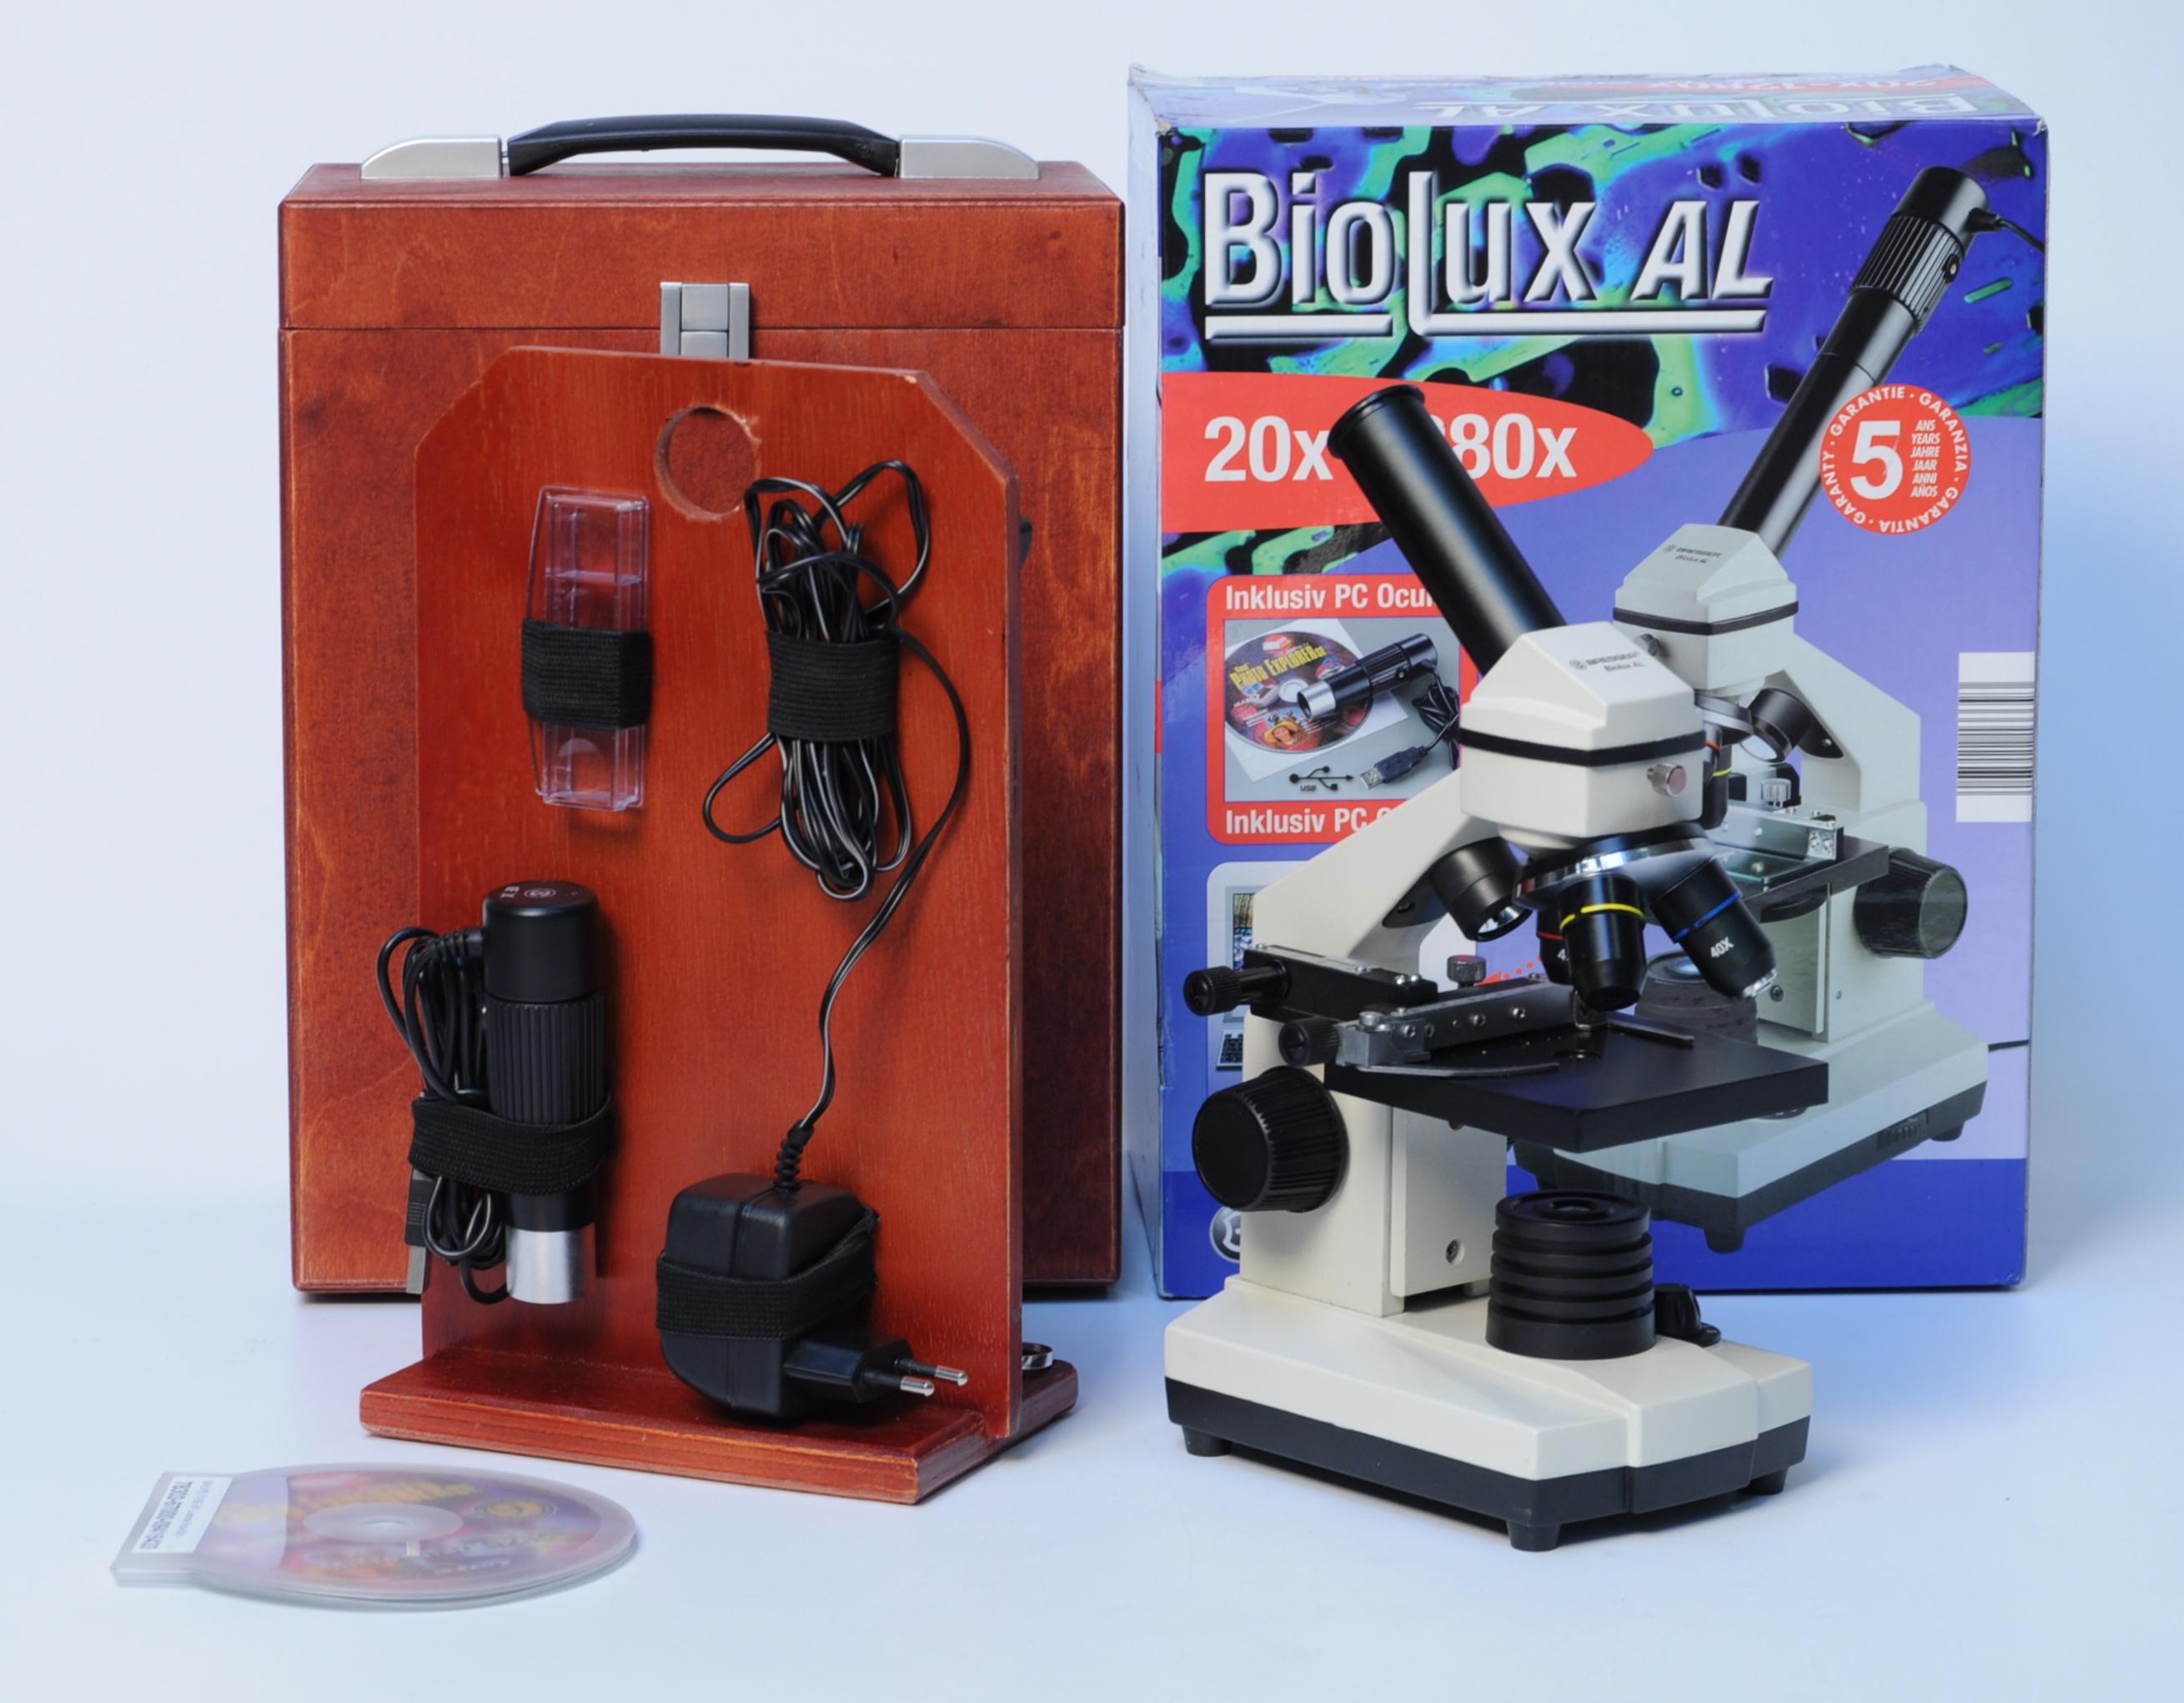 Mikroskop mrk bresser biolux al i opbevaringskasse denne vare er